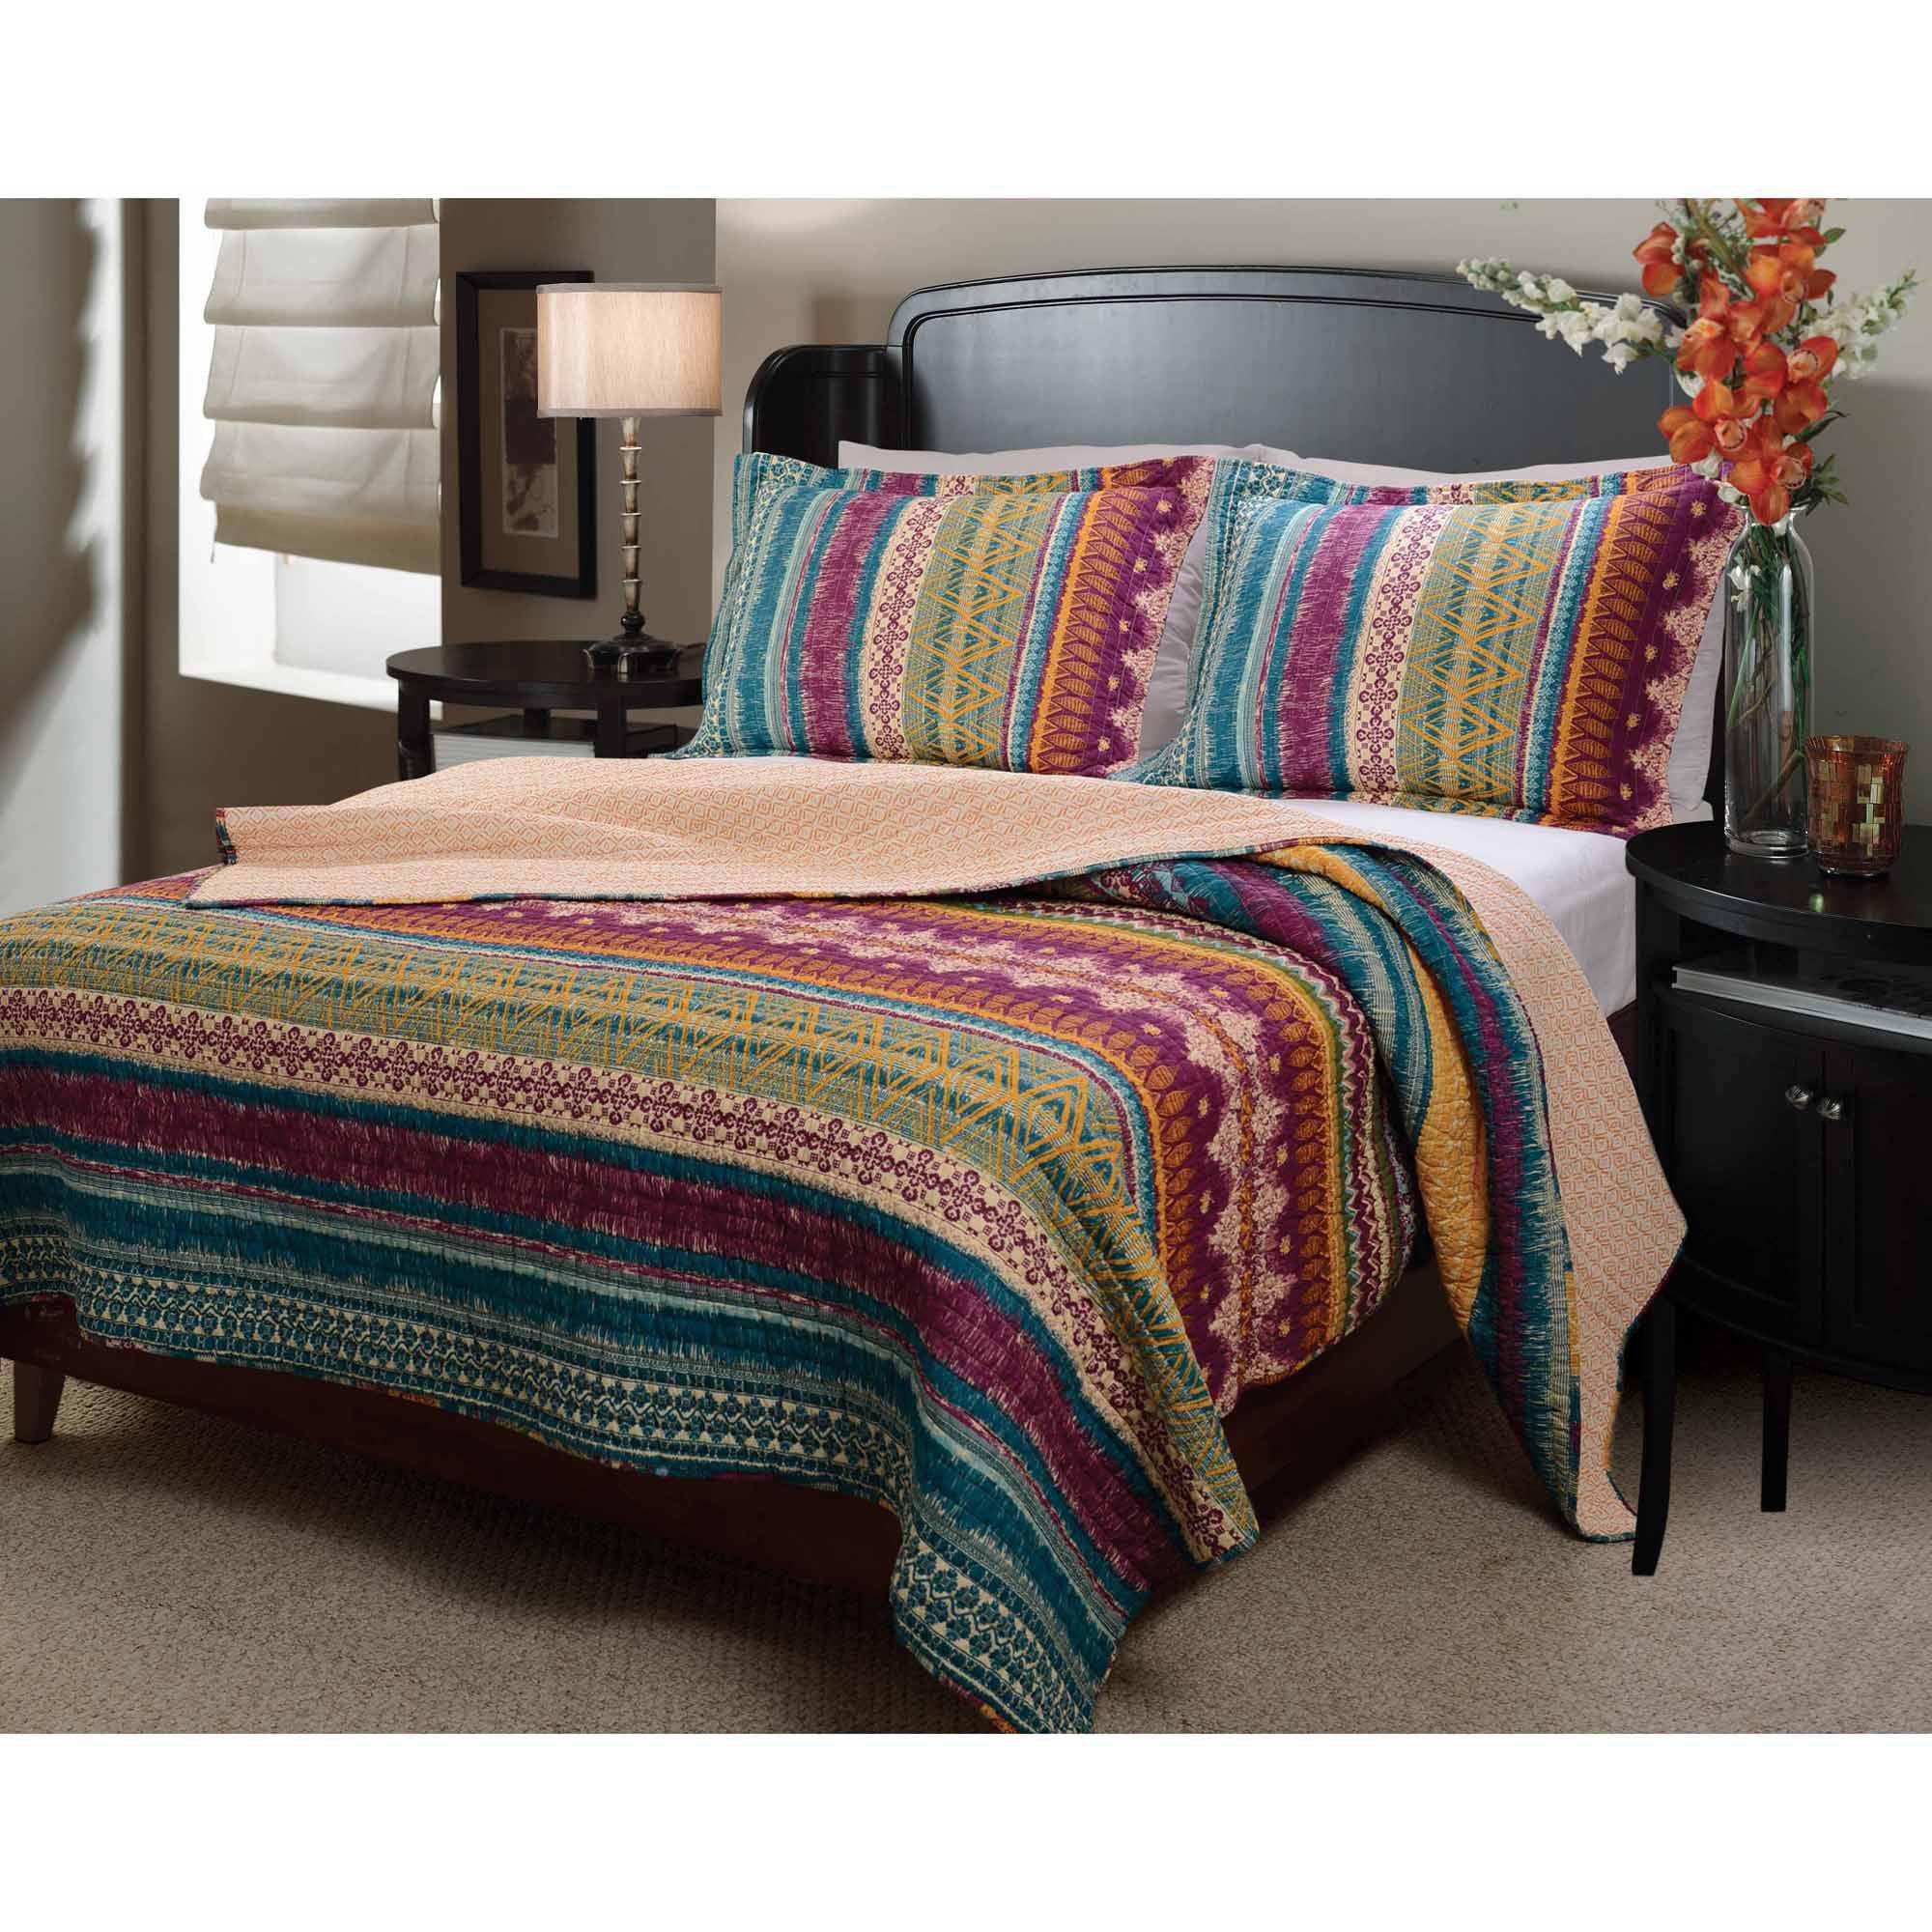 Global Trends Santa Fe Bedding Quilt Set